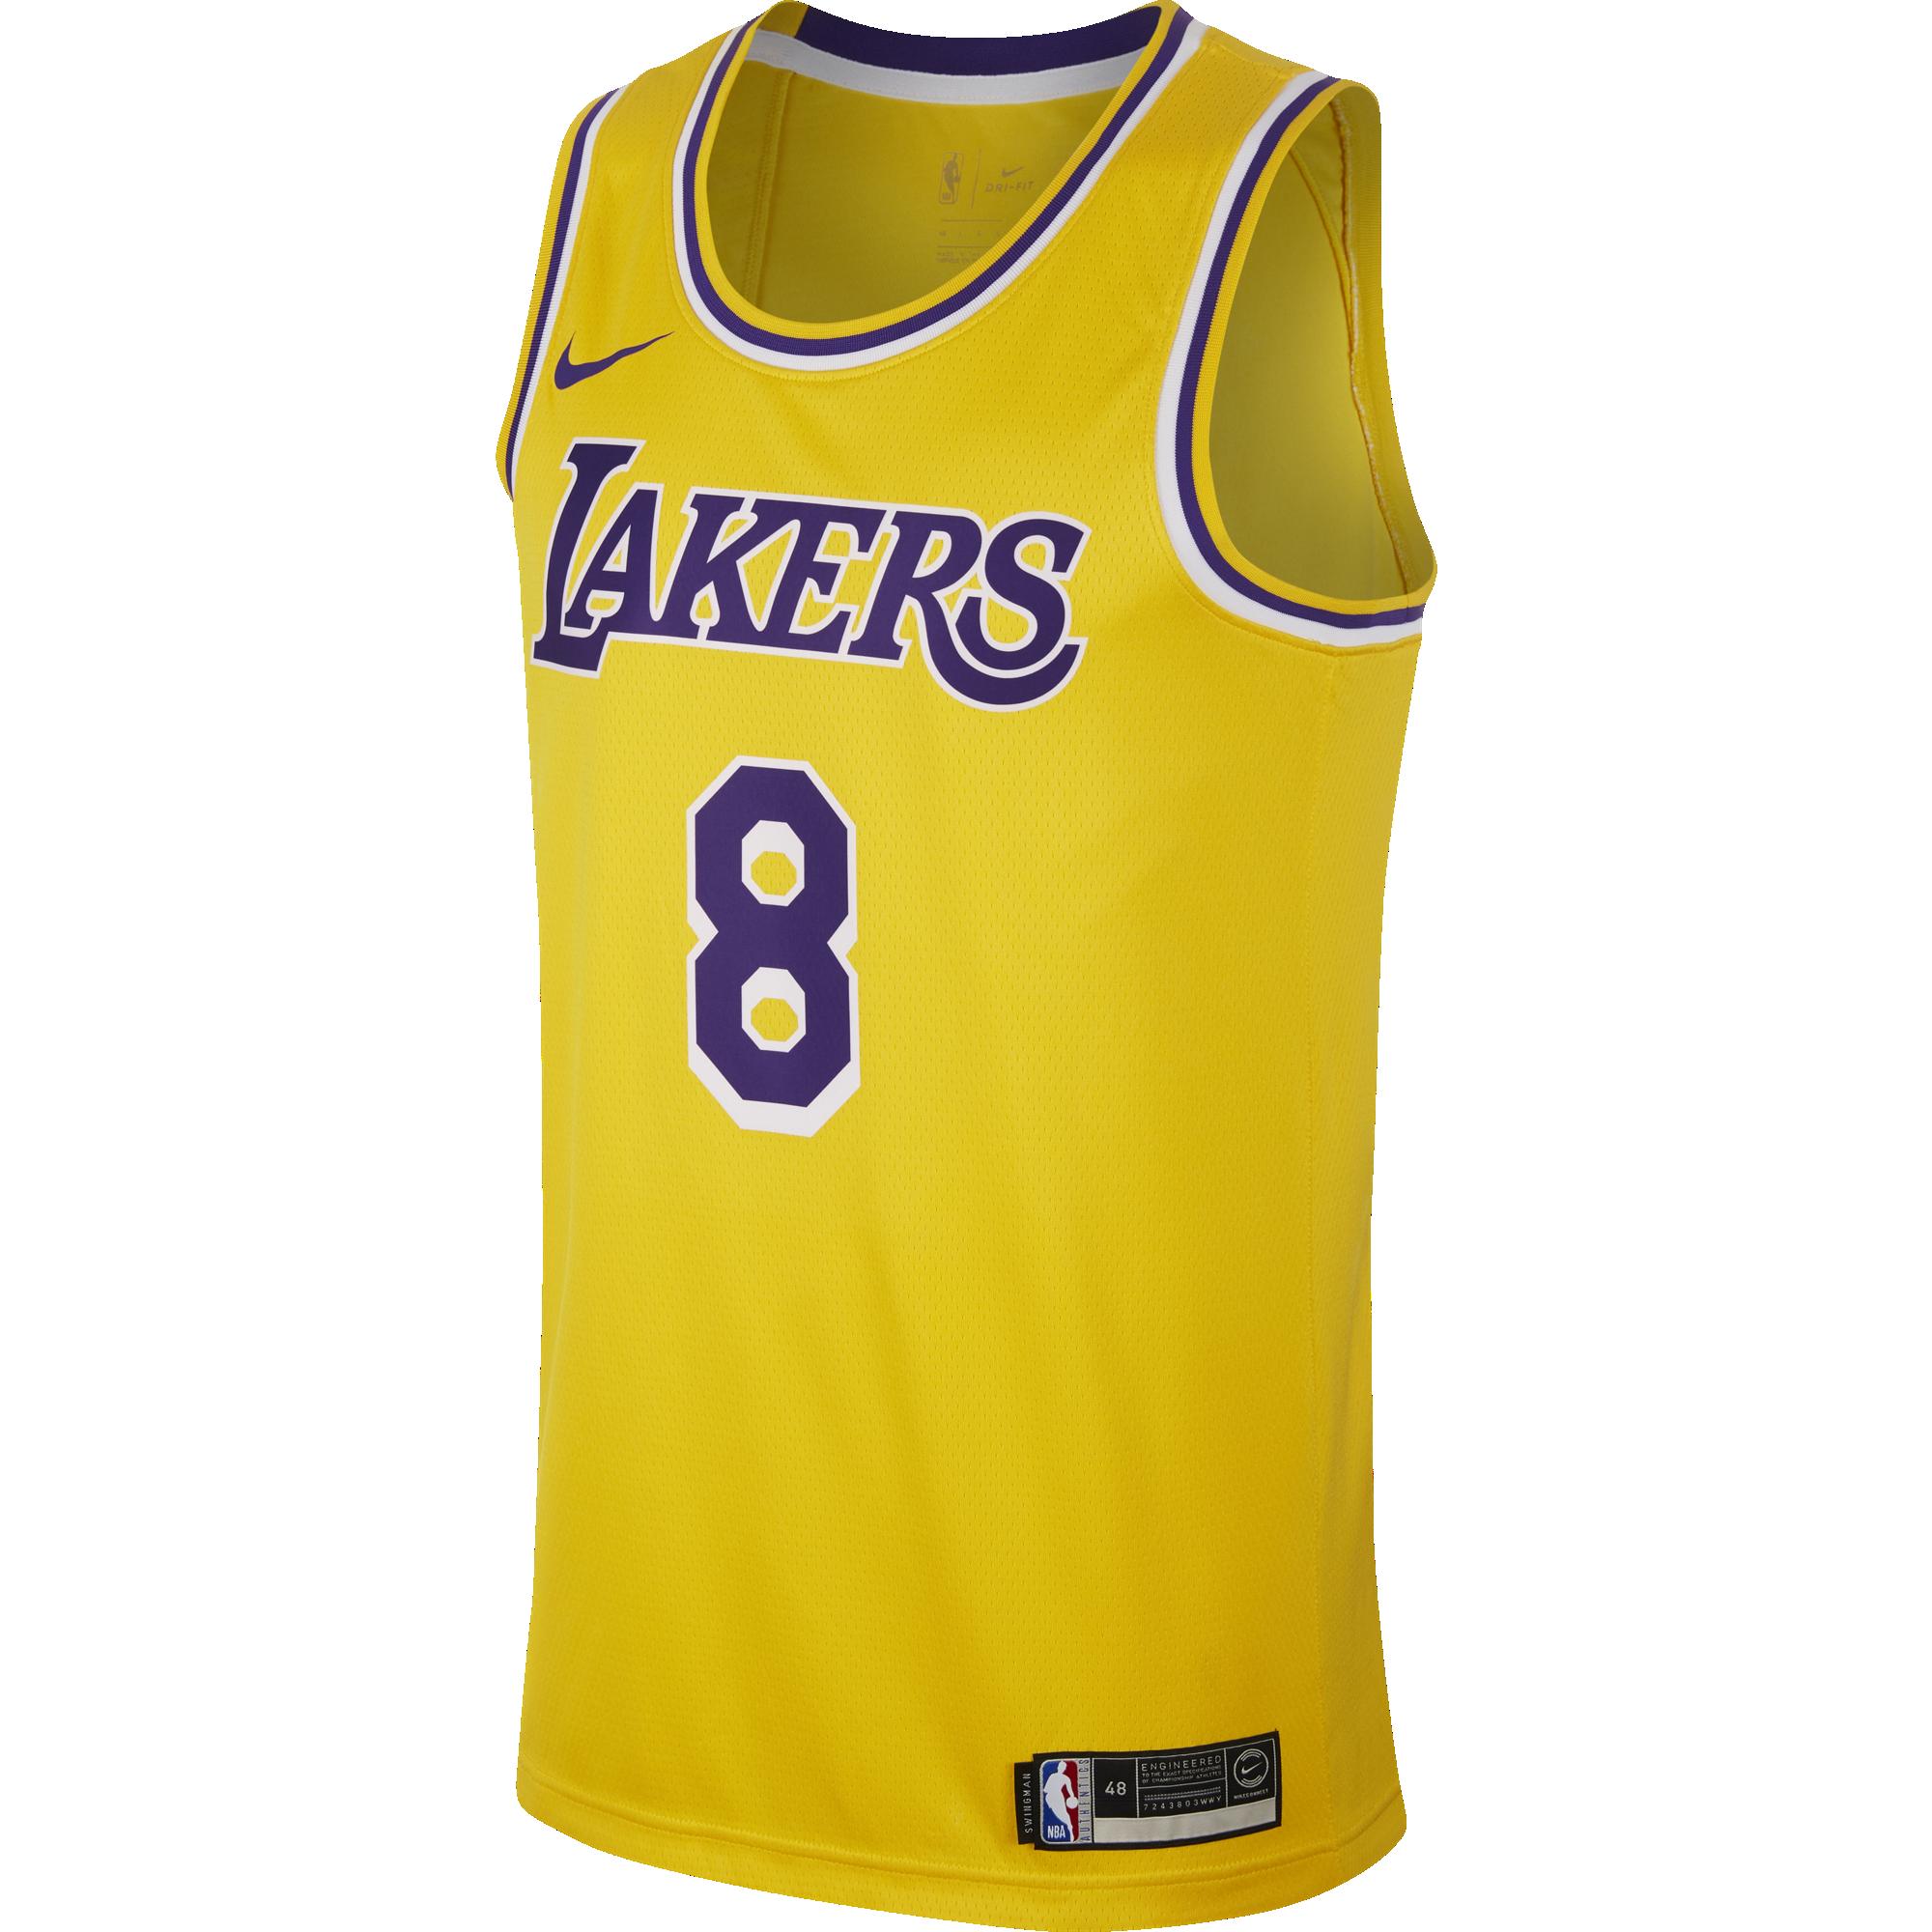 detailing aec2c 1539b NIKE NBA LOS ANGELES LAKERS KOBE BRYANT SWINGMAN ROAD JERSEY ...